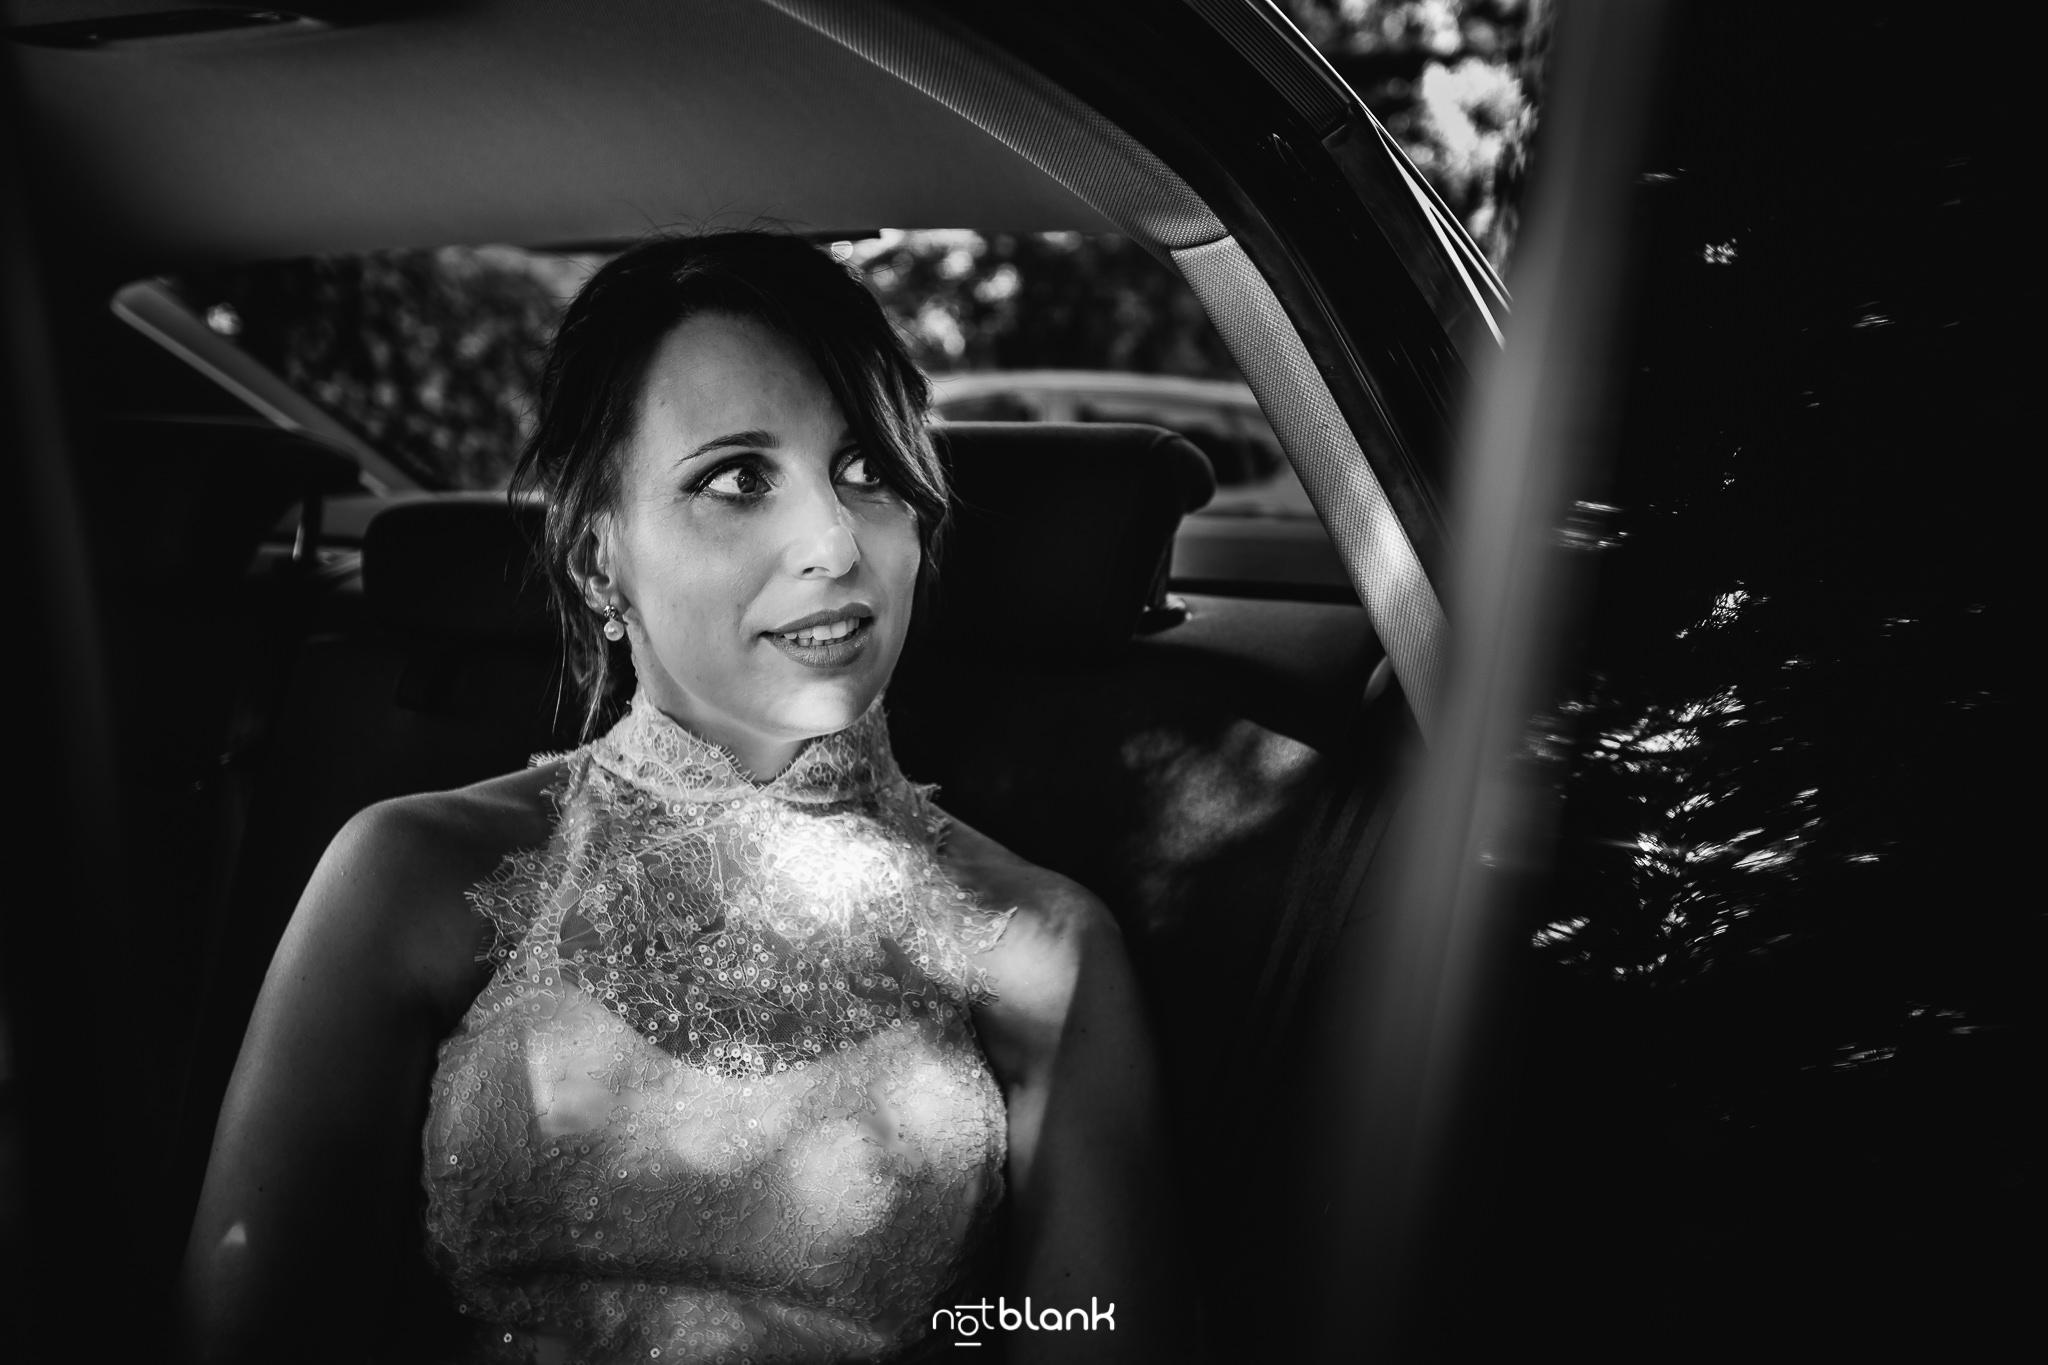 Boda-Maite-David-Novia-Bajando-De-Coche. Reportaje realizado por Notblank fotógrafos de boda